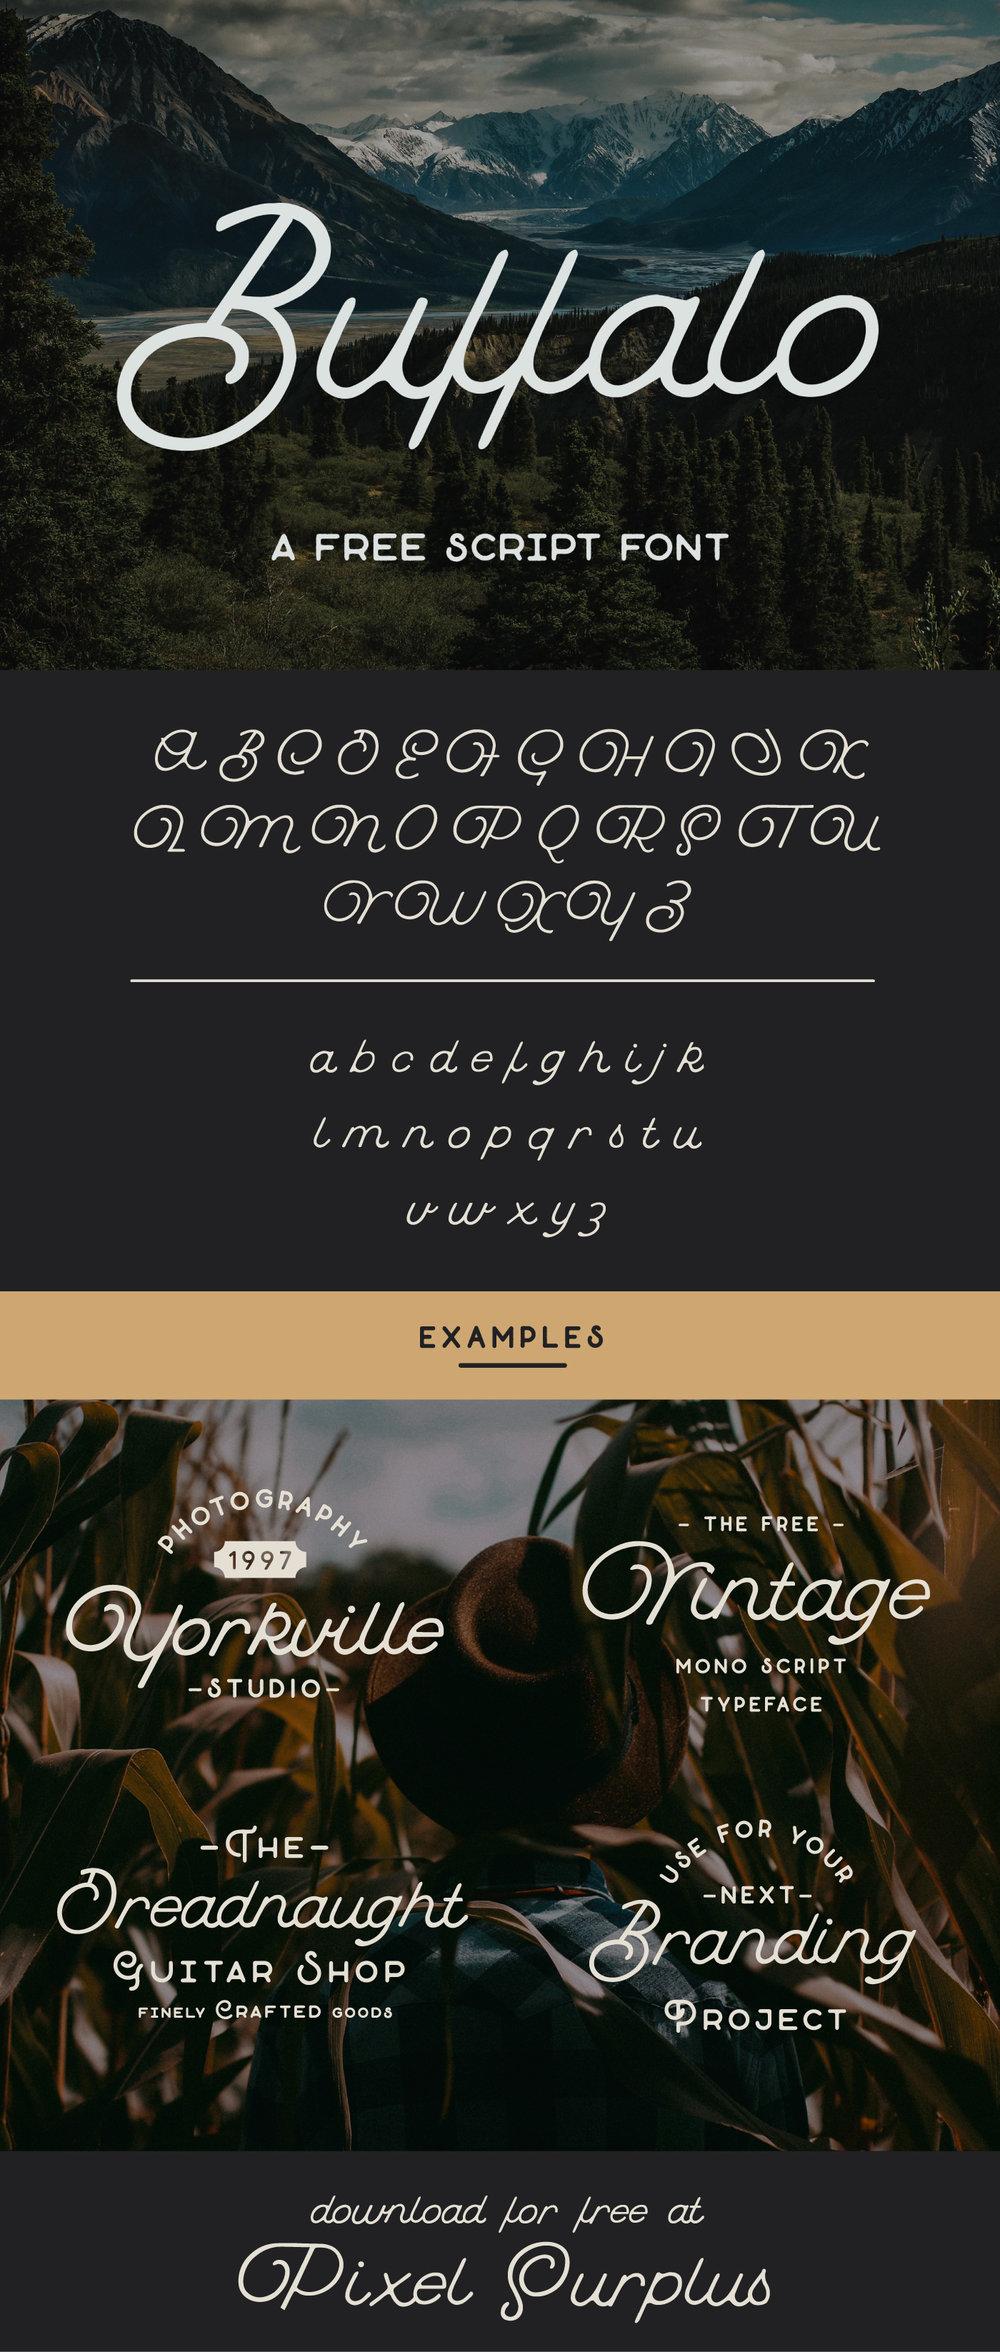 Buffalo-Free-Quirky-Script-Font